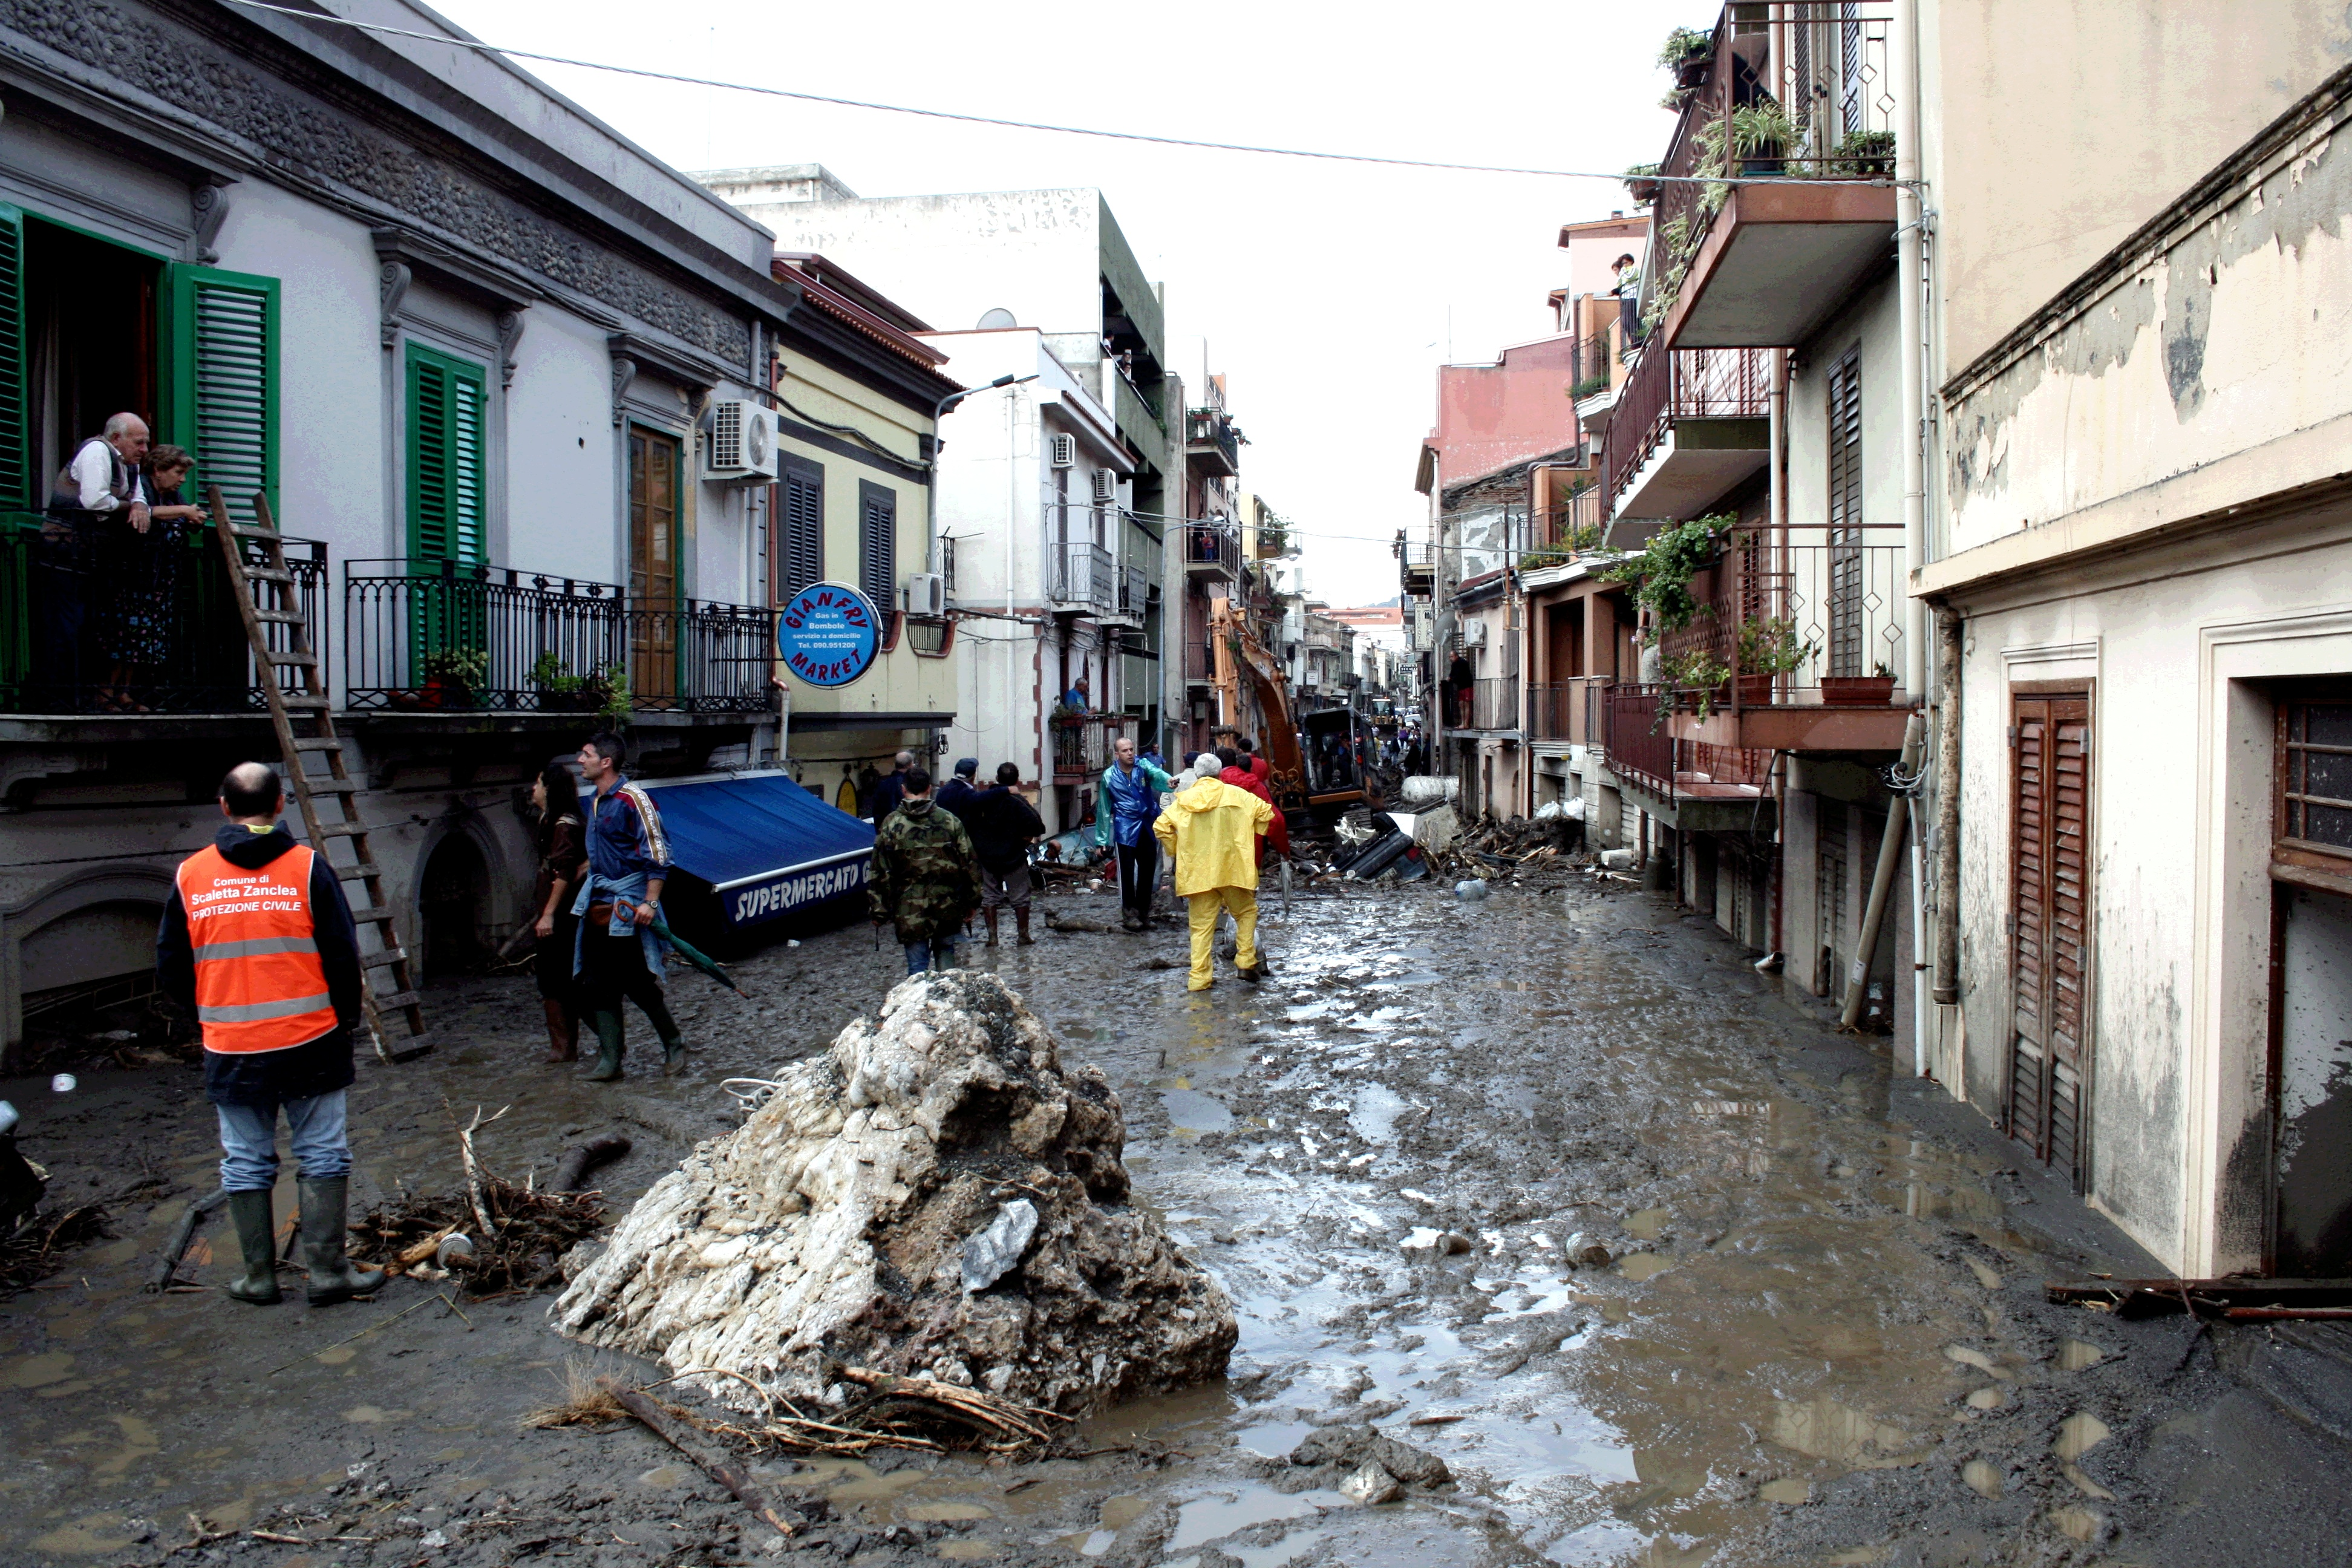 L' alluvione a Messina del 2009 che fece 37 morti: assolti due ex sindaci